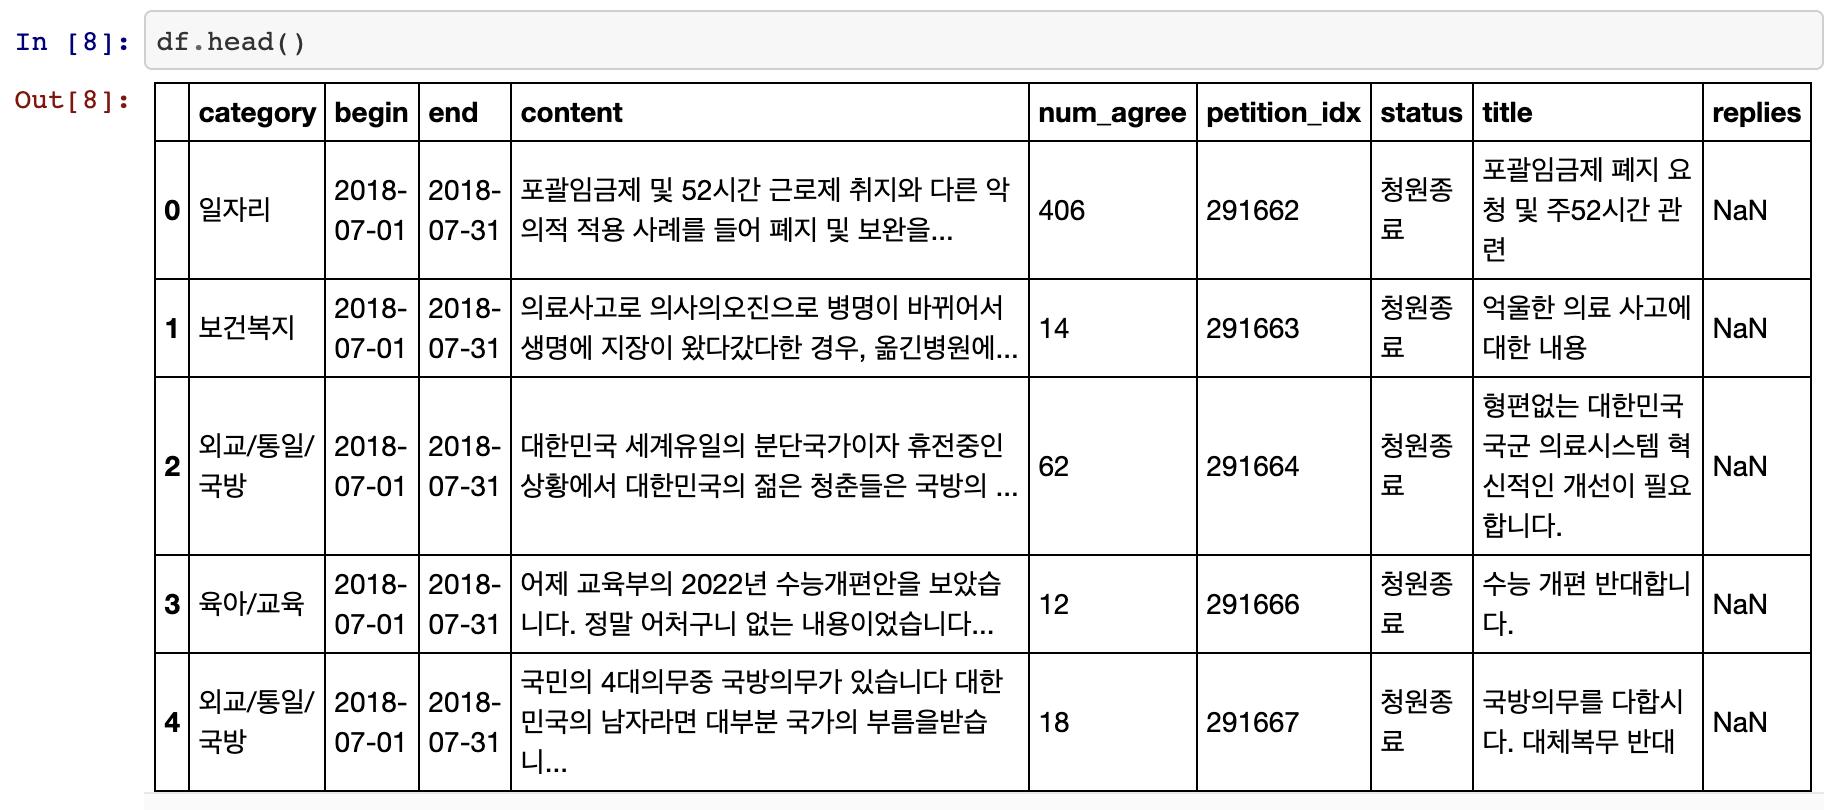 국민청원 데이터셋 샘플